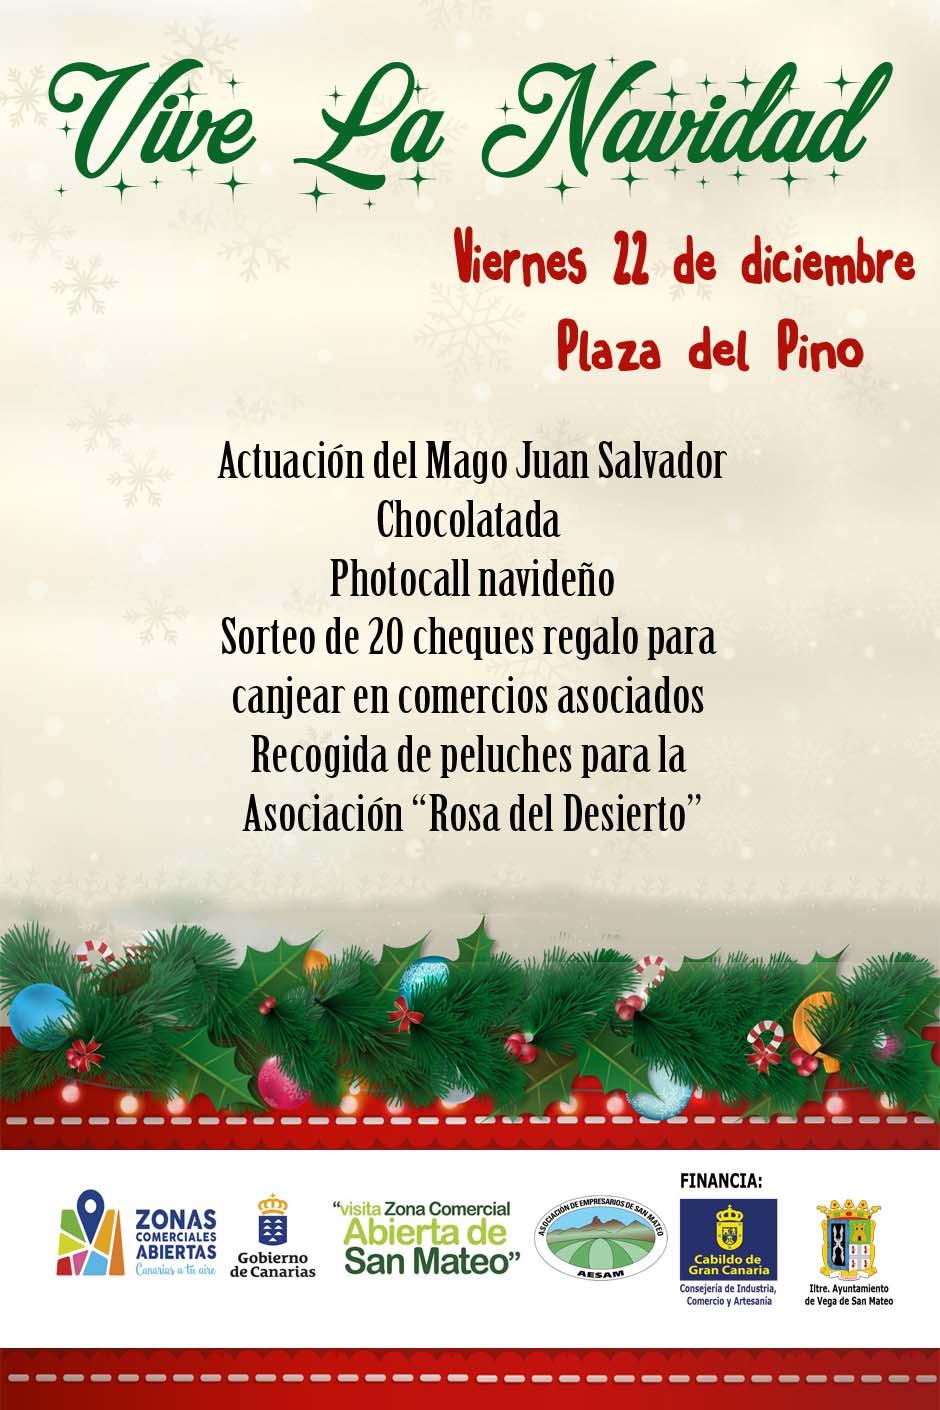 Cartel Vive La Navidad web